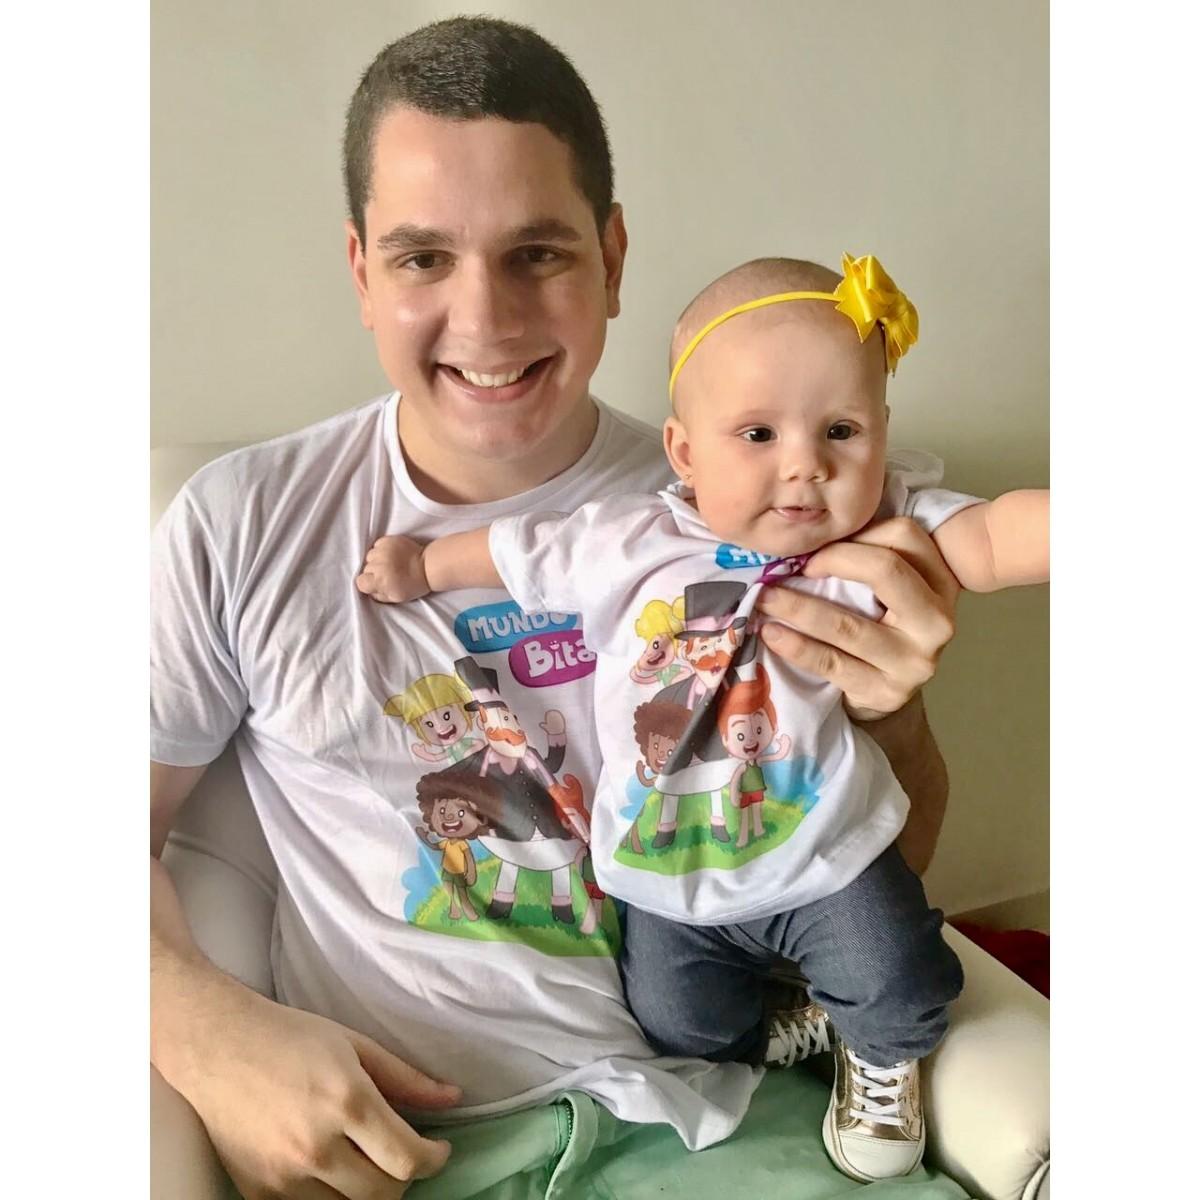 Camisas Pai e Filho  - Lojinha do Bita